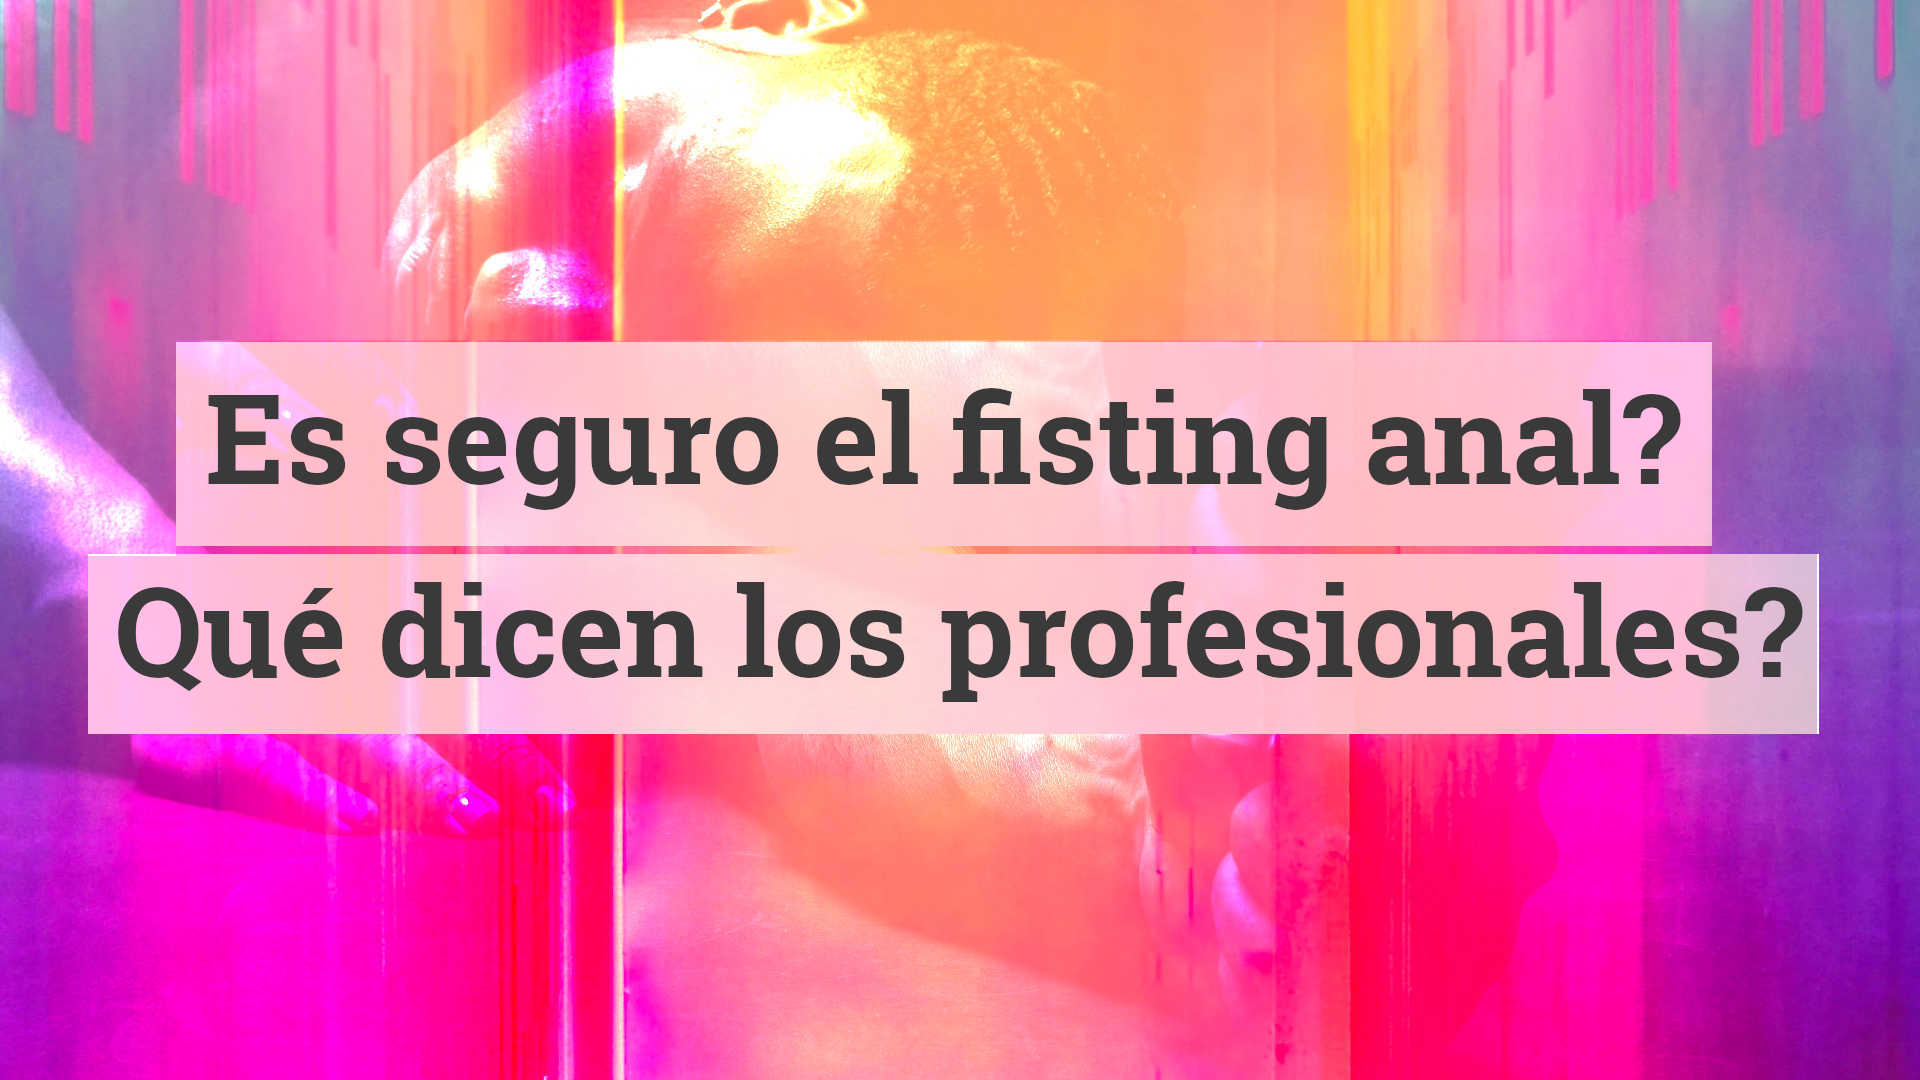 Es seguro el fisting anal? Definitivamente son las preguntas más comunes que se nos presentan. Aquí le contaremos algunos de los riesgos potenciales del fisting anal y disiparemos algunos mitos relacionados con la práctica.